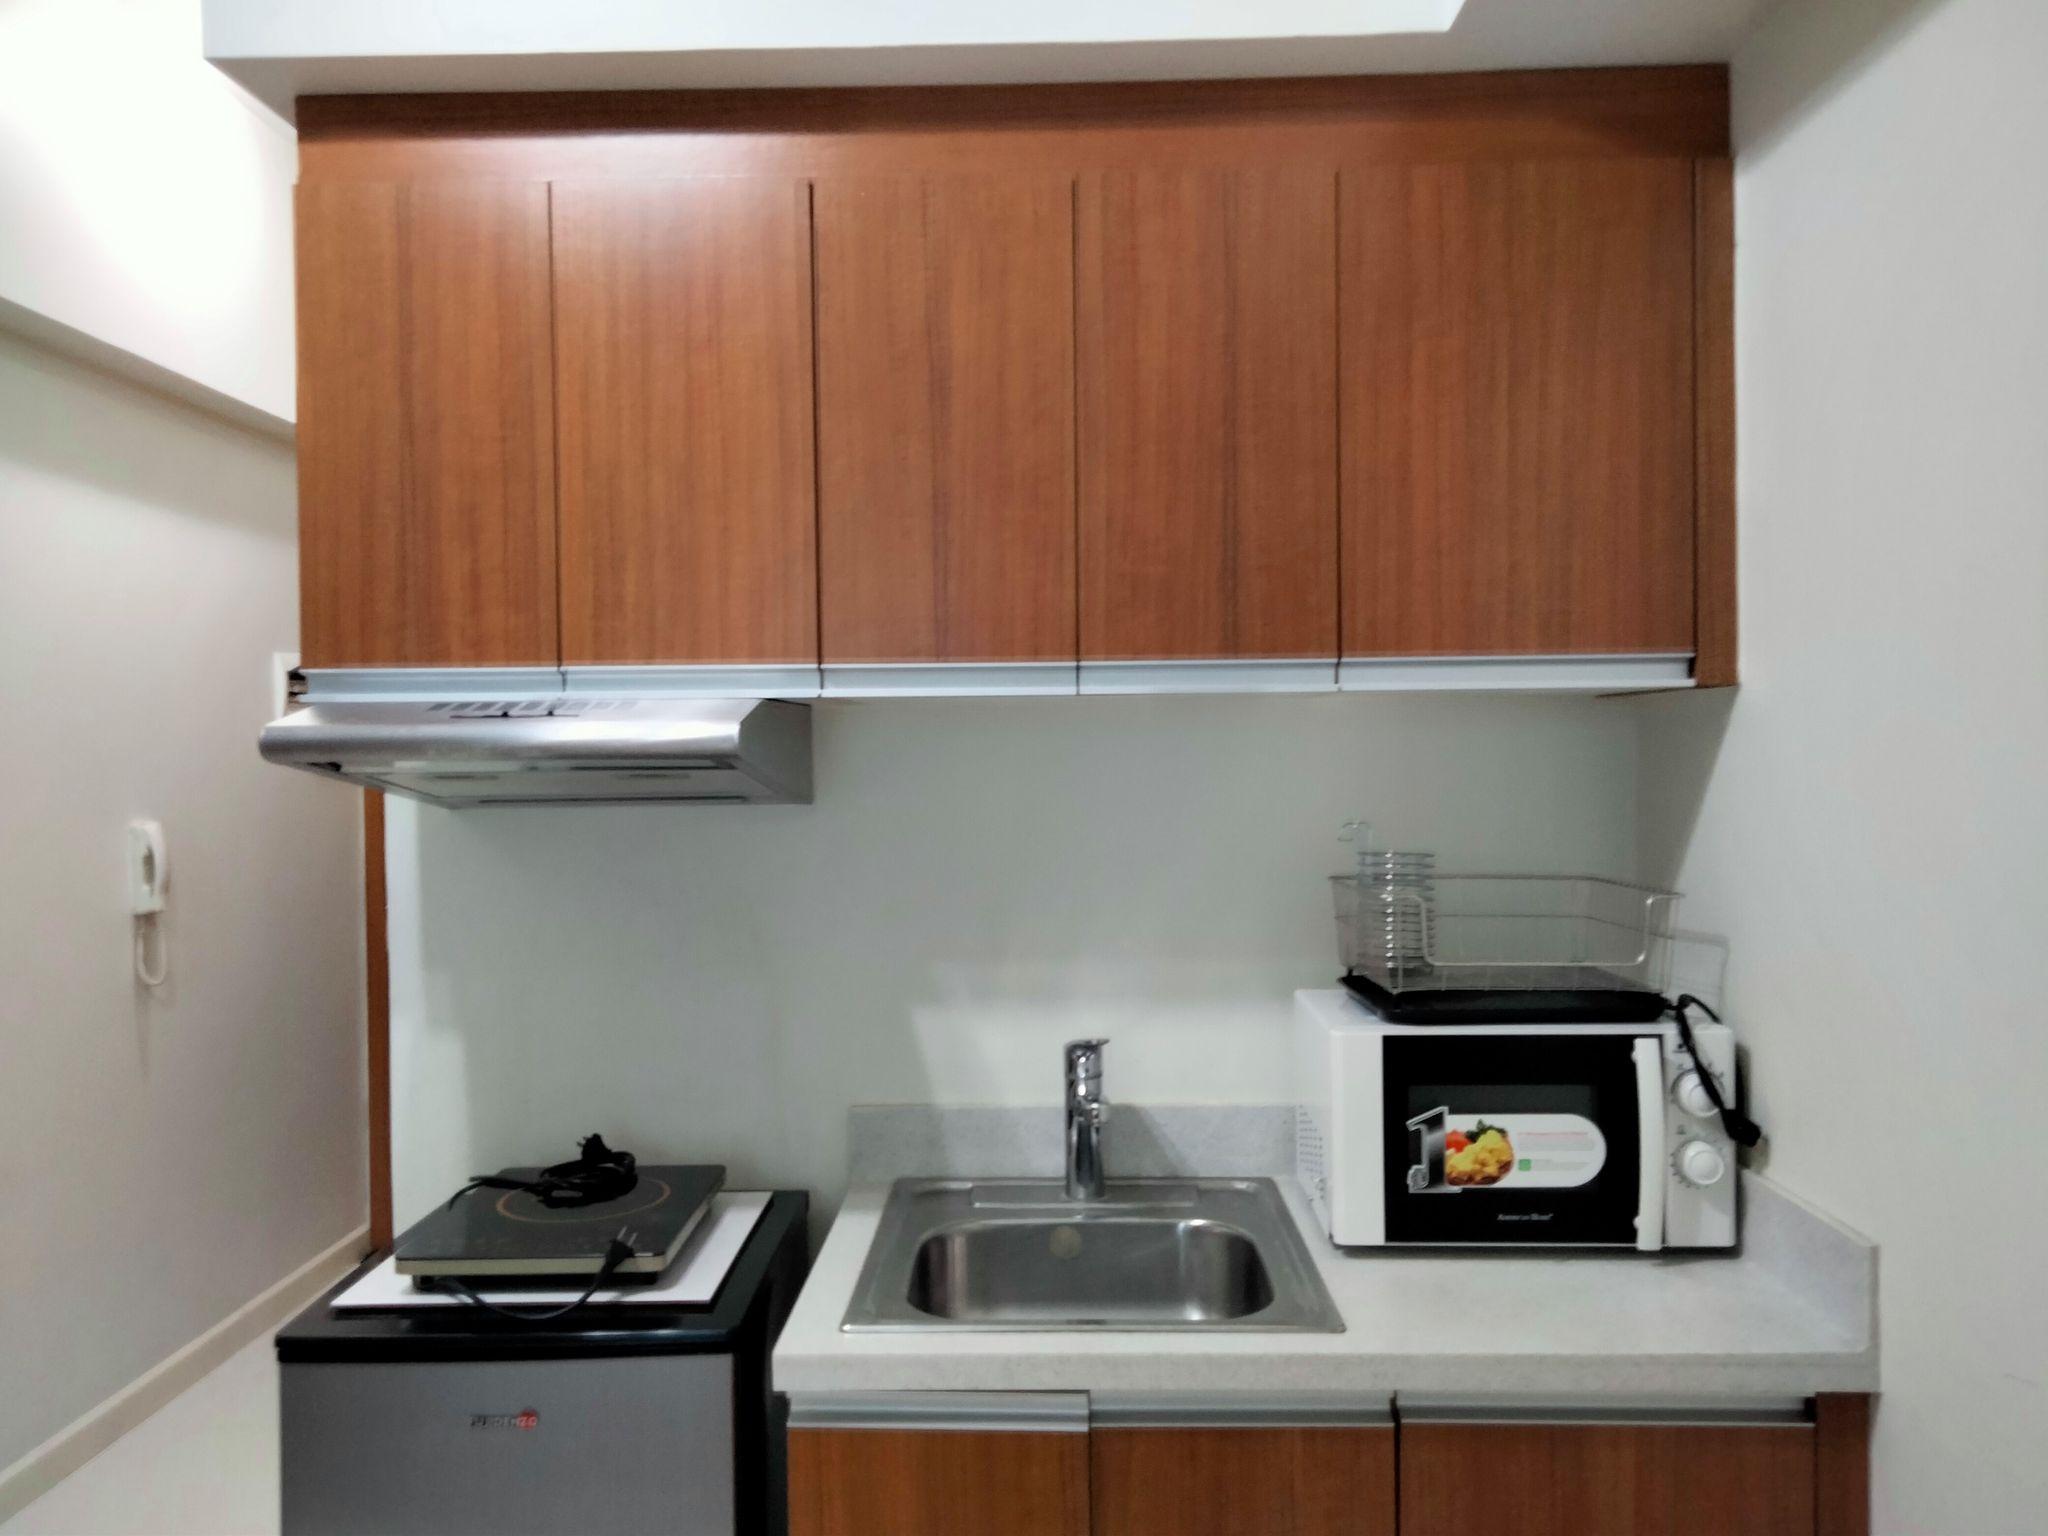 Studio Type Condominium in Makati City for Rent